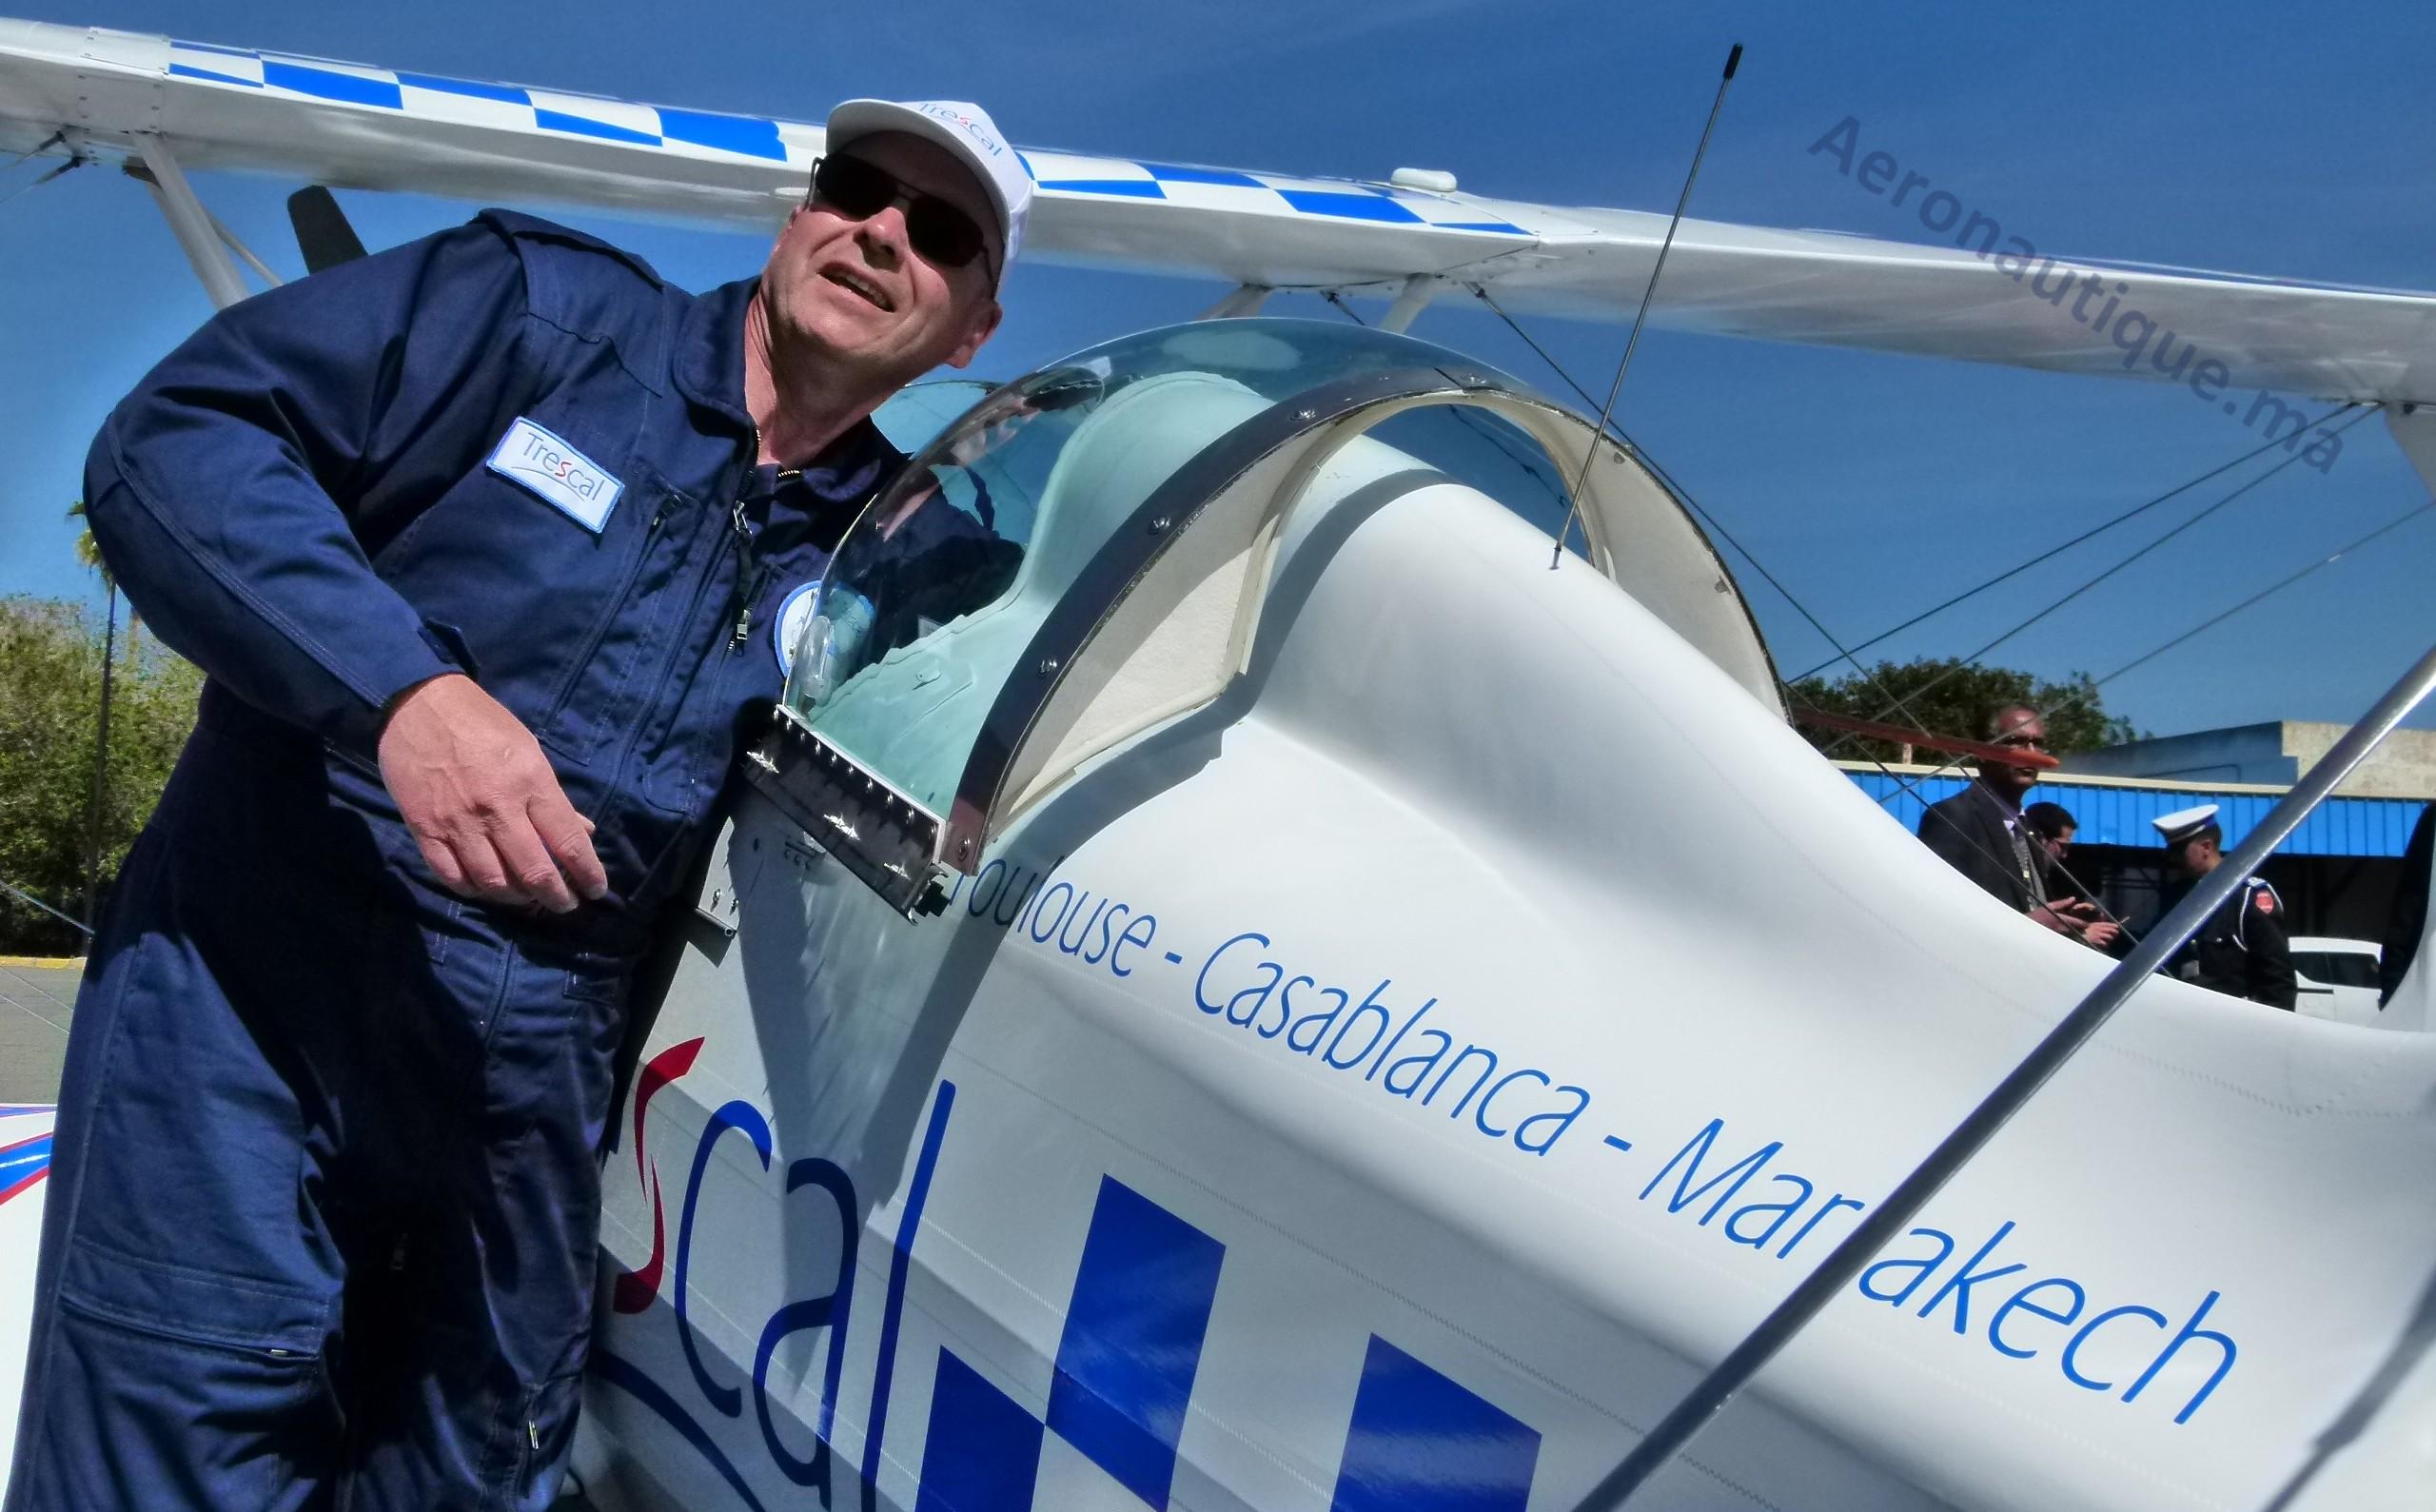 Jean-Marc D'hulst, Dir. Adjoint Trescal France, un des deux pilote du Starduster